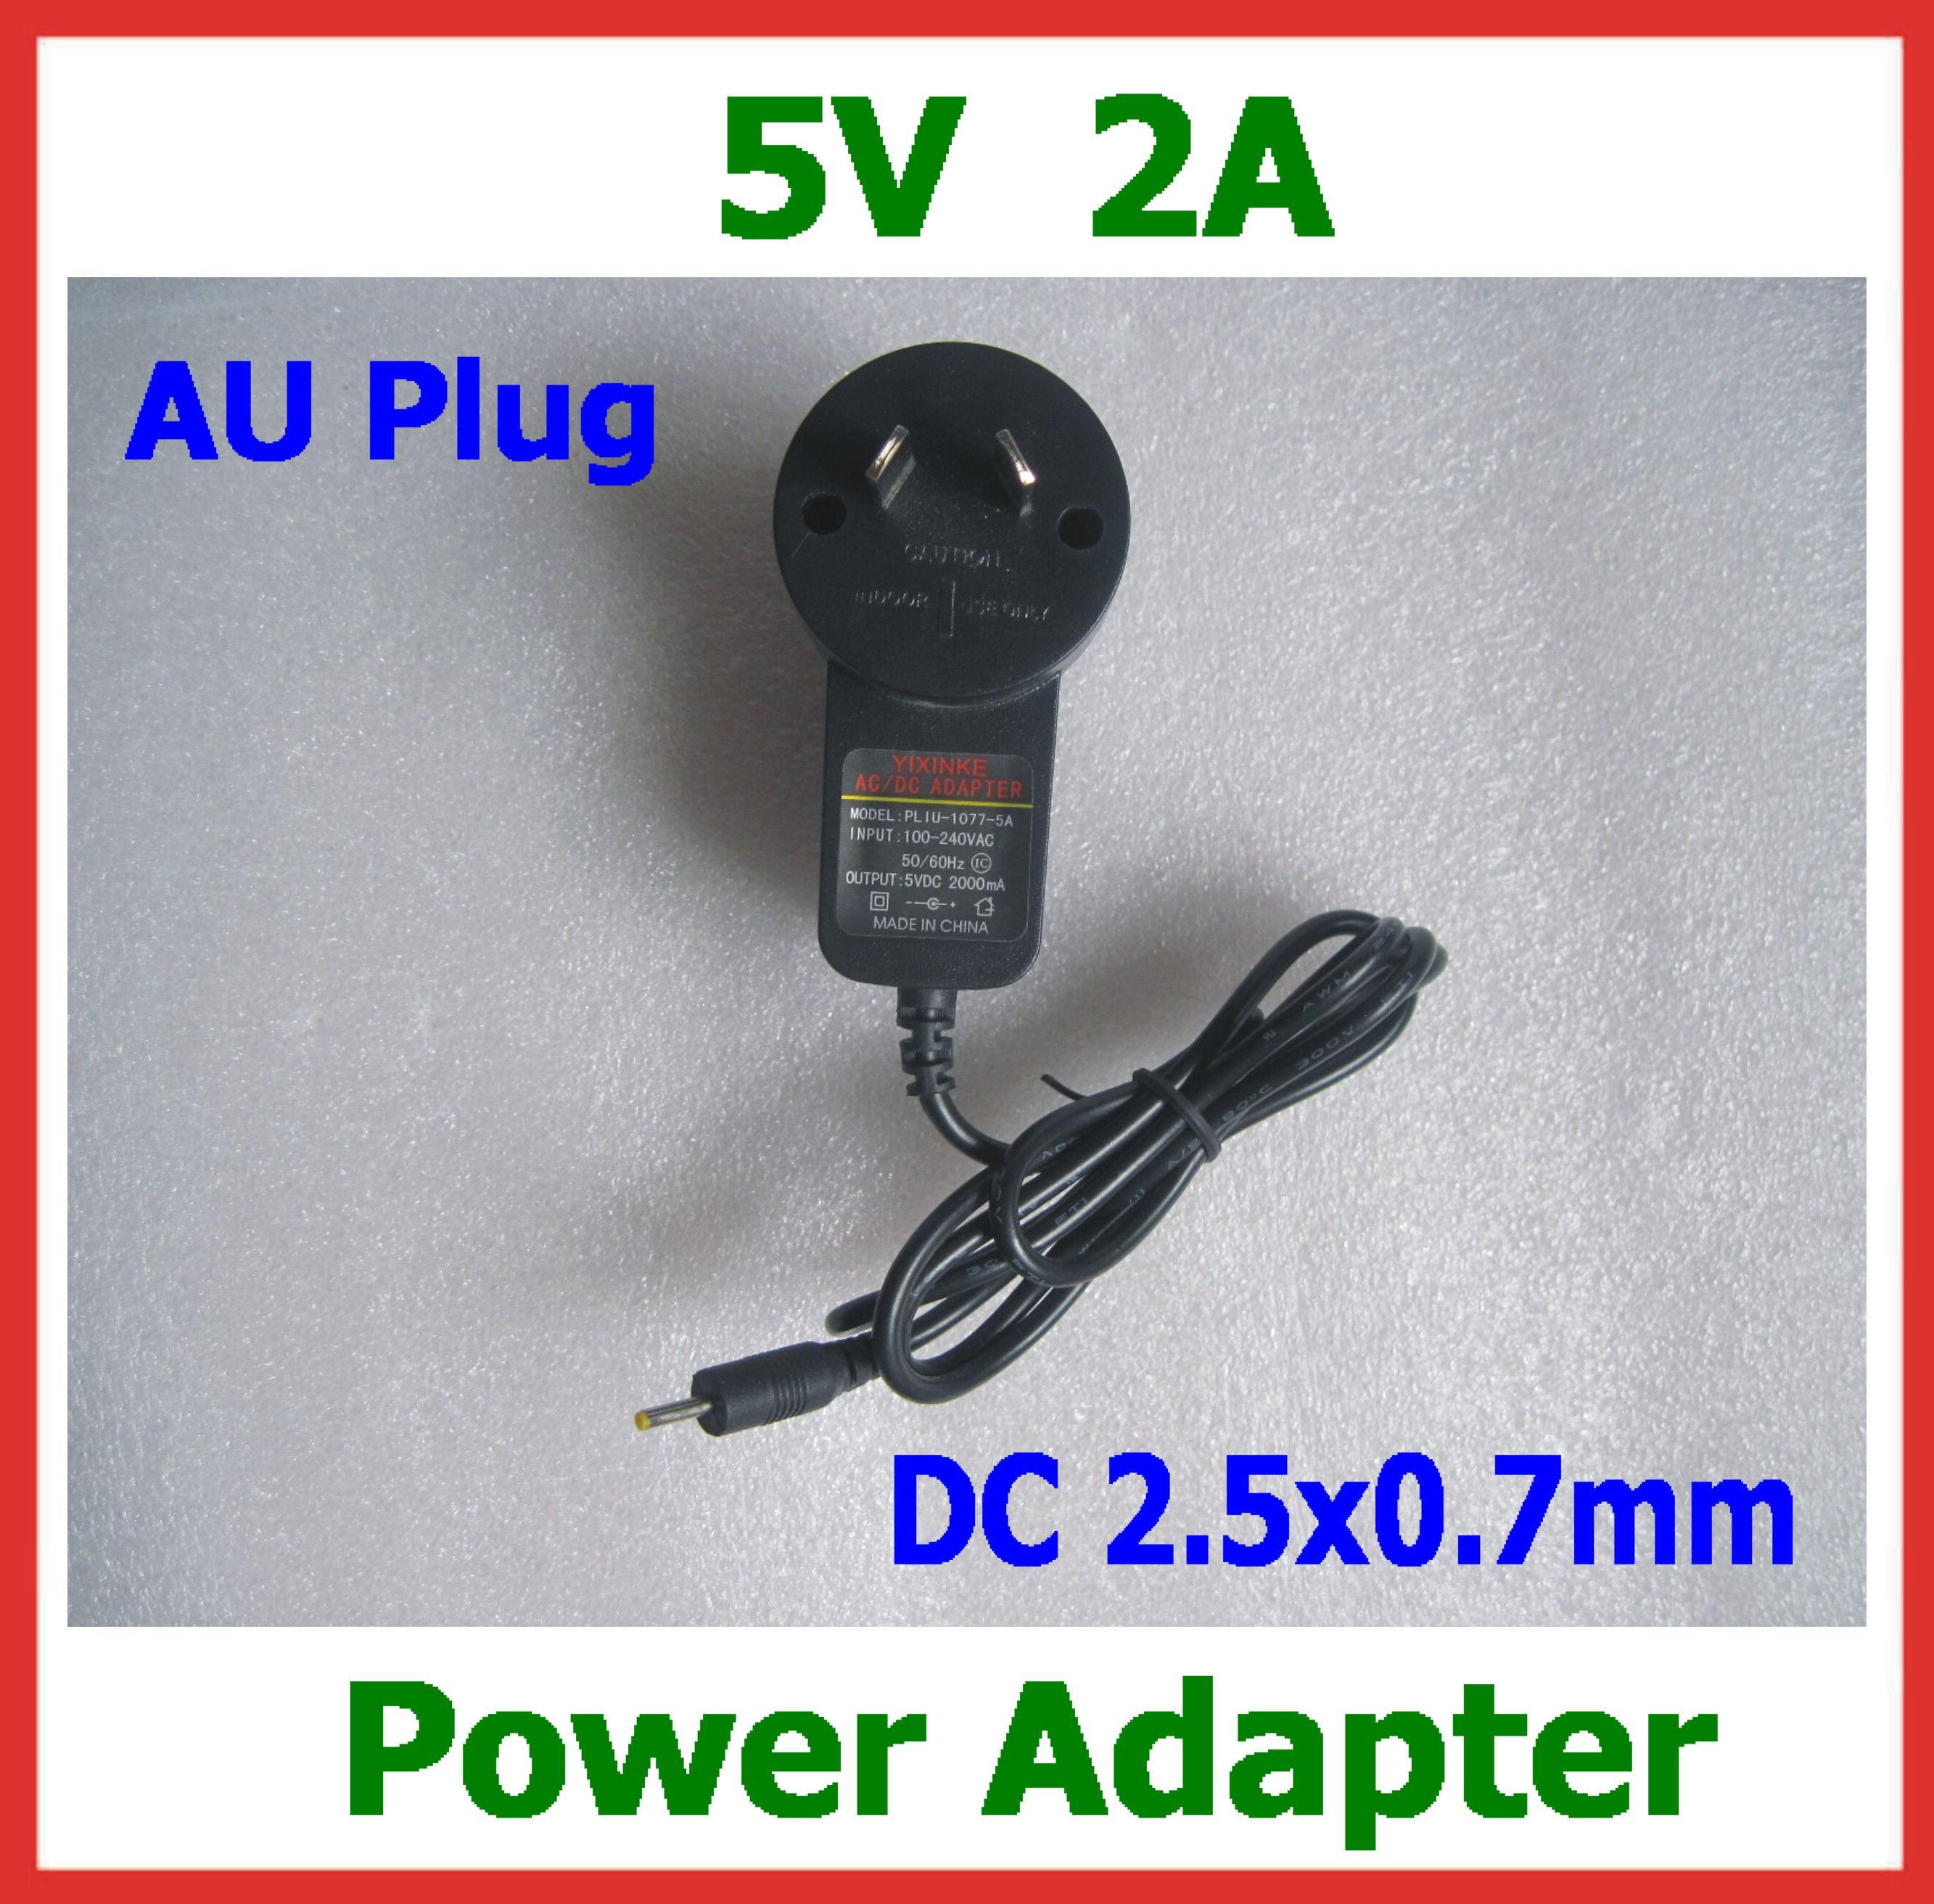 Buy 5V 2A Power Adapter AU Plug Charger Tablet PC Cube U25GT U9GT3 U9GT4 U35GT2 U39GT U18GT, Mini U30GT, Chuwi V88 / V10, Q88 DC 2.5x0.7mm